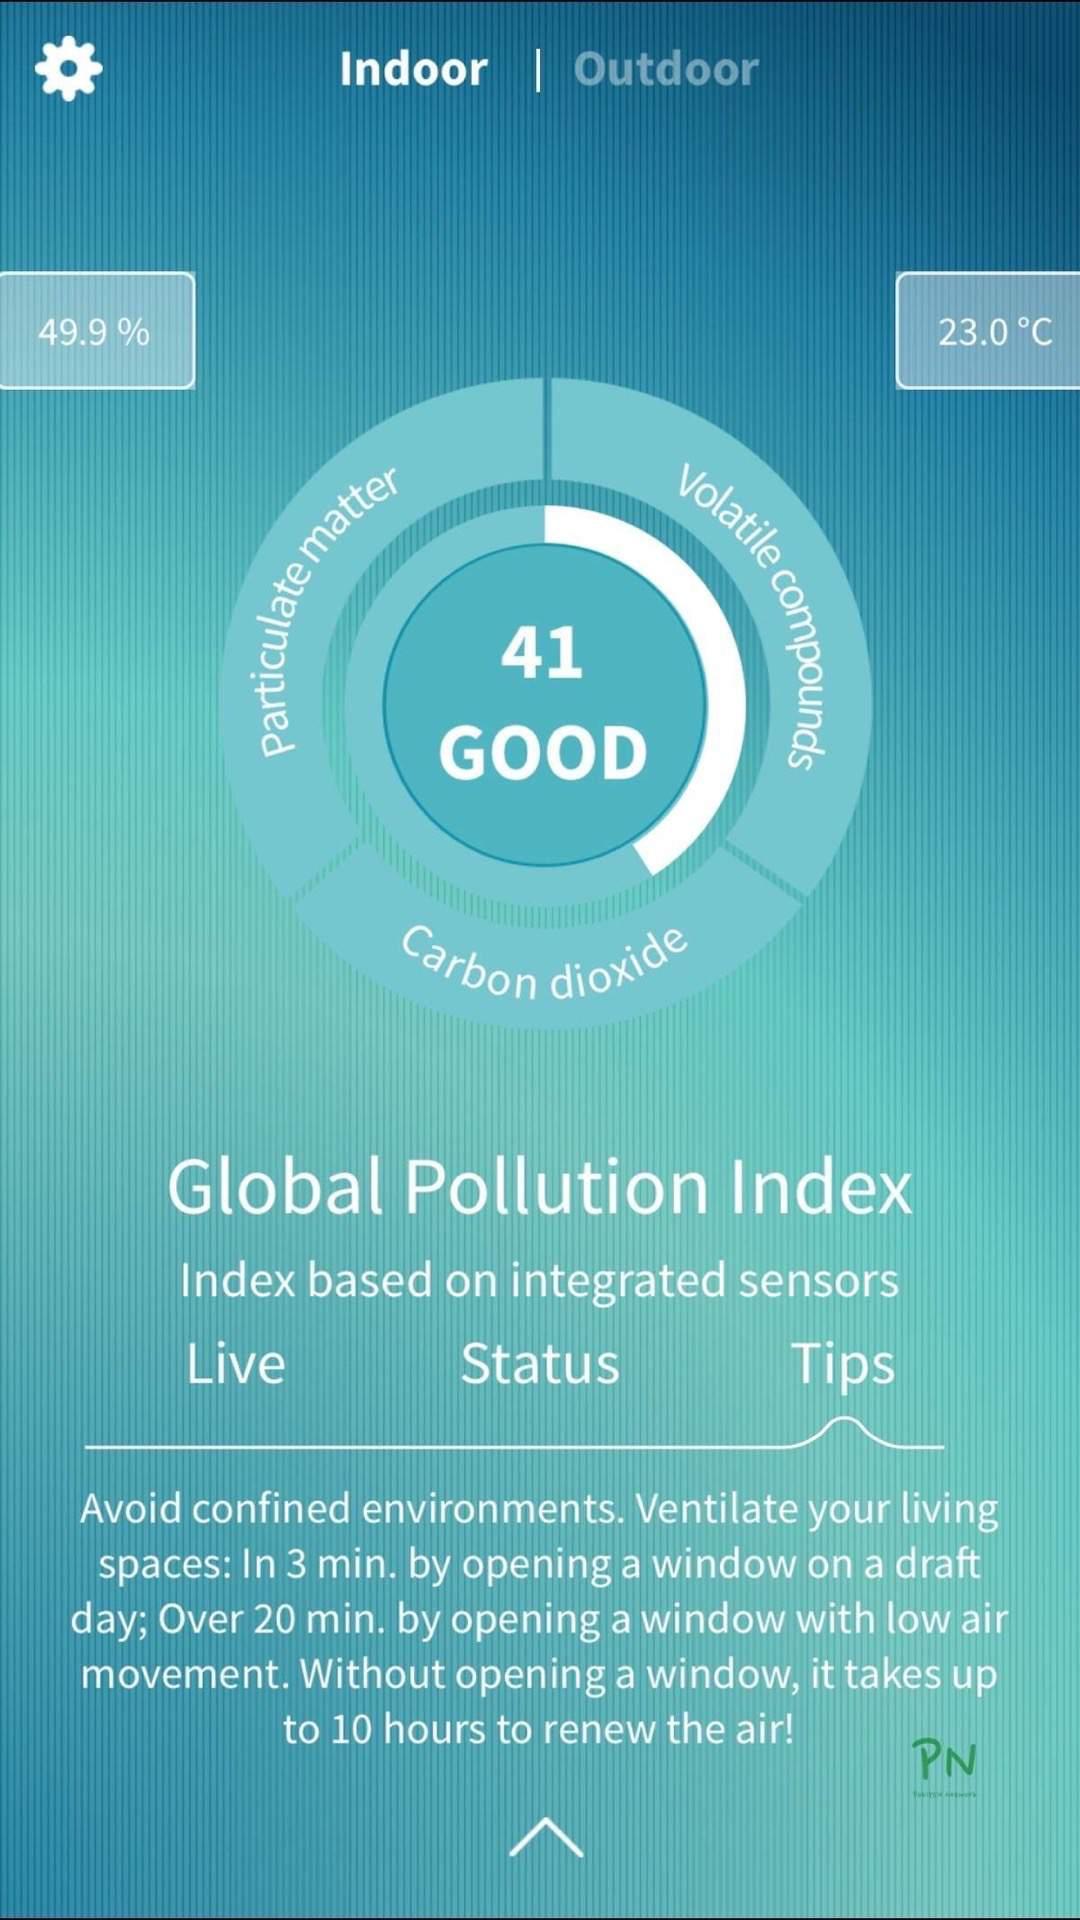 Luftqualität im Innenbereich